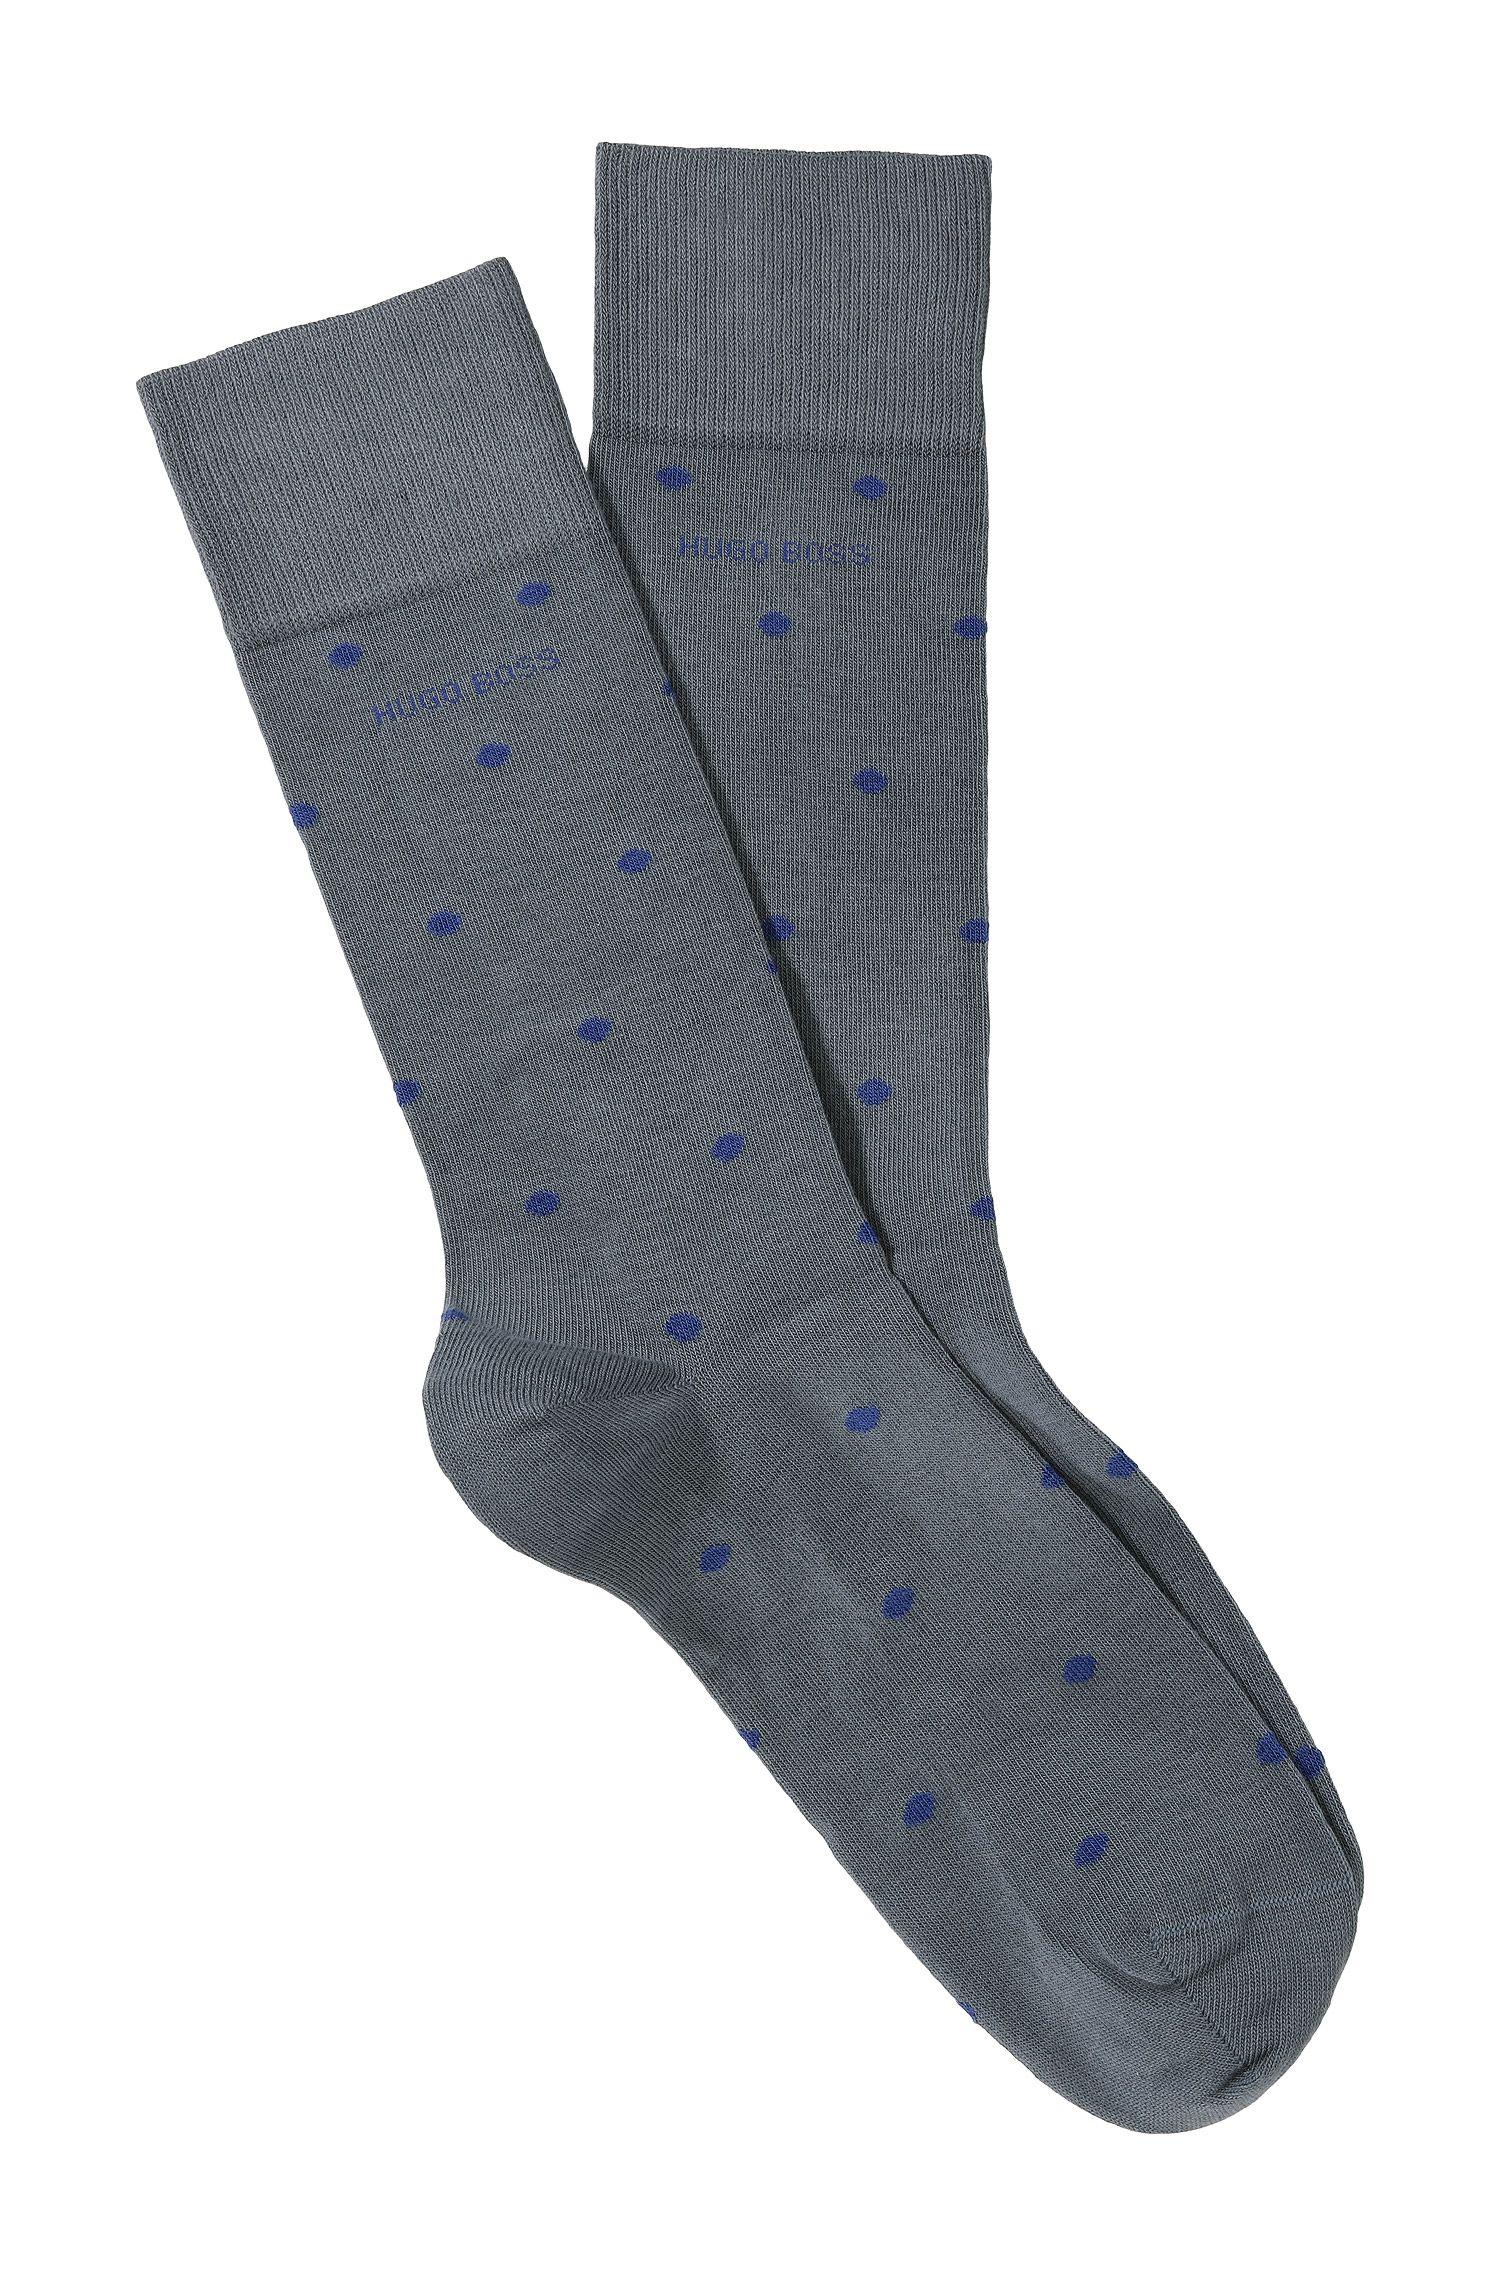 Socken ´RS Design` aus Baumwollkomposition